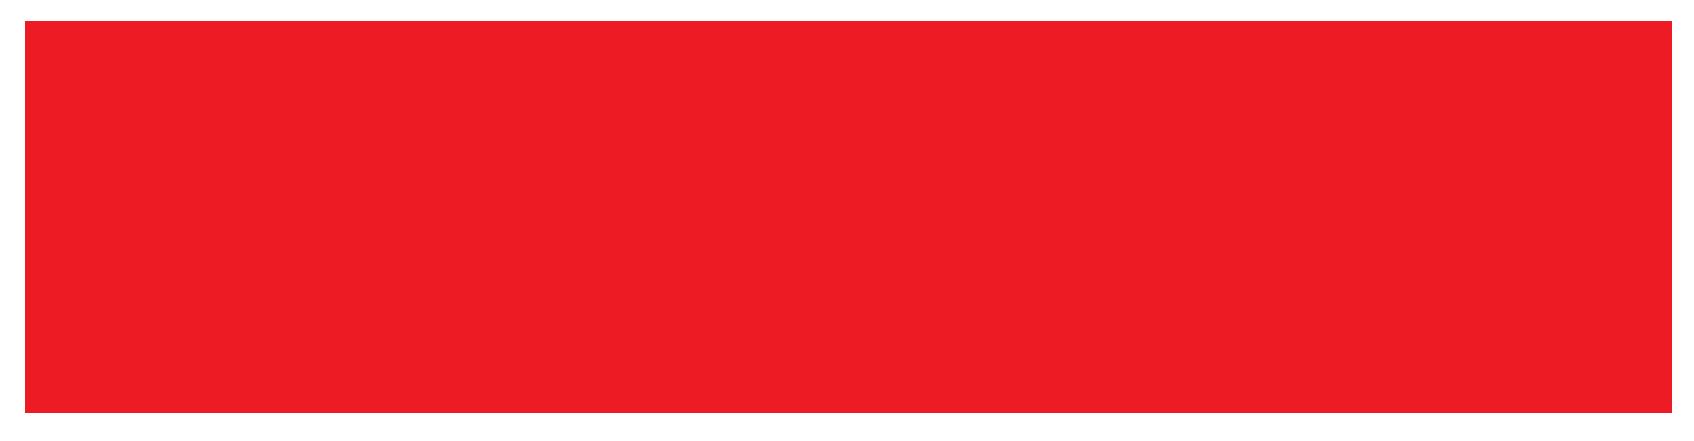 NEWGEN SWITCHES